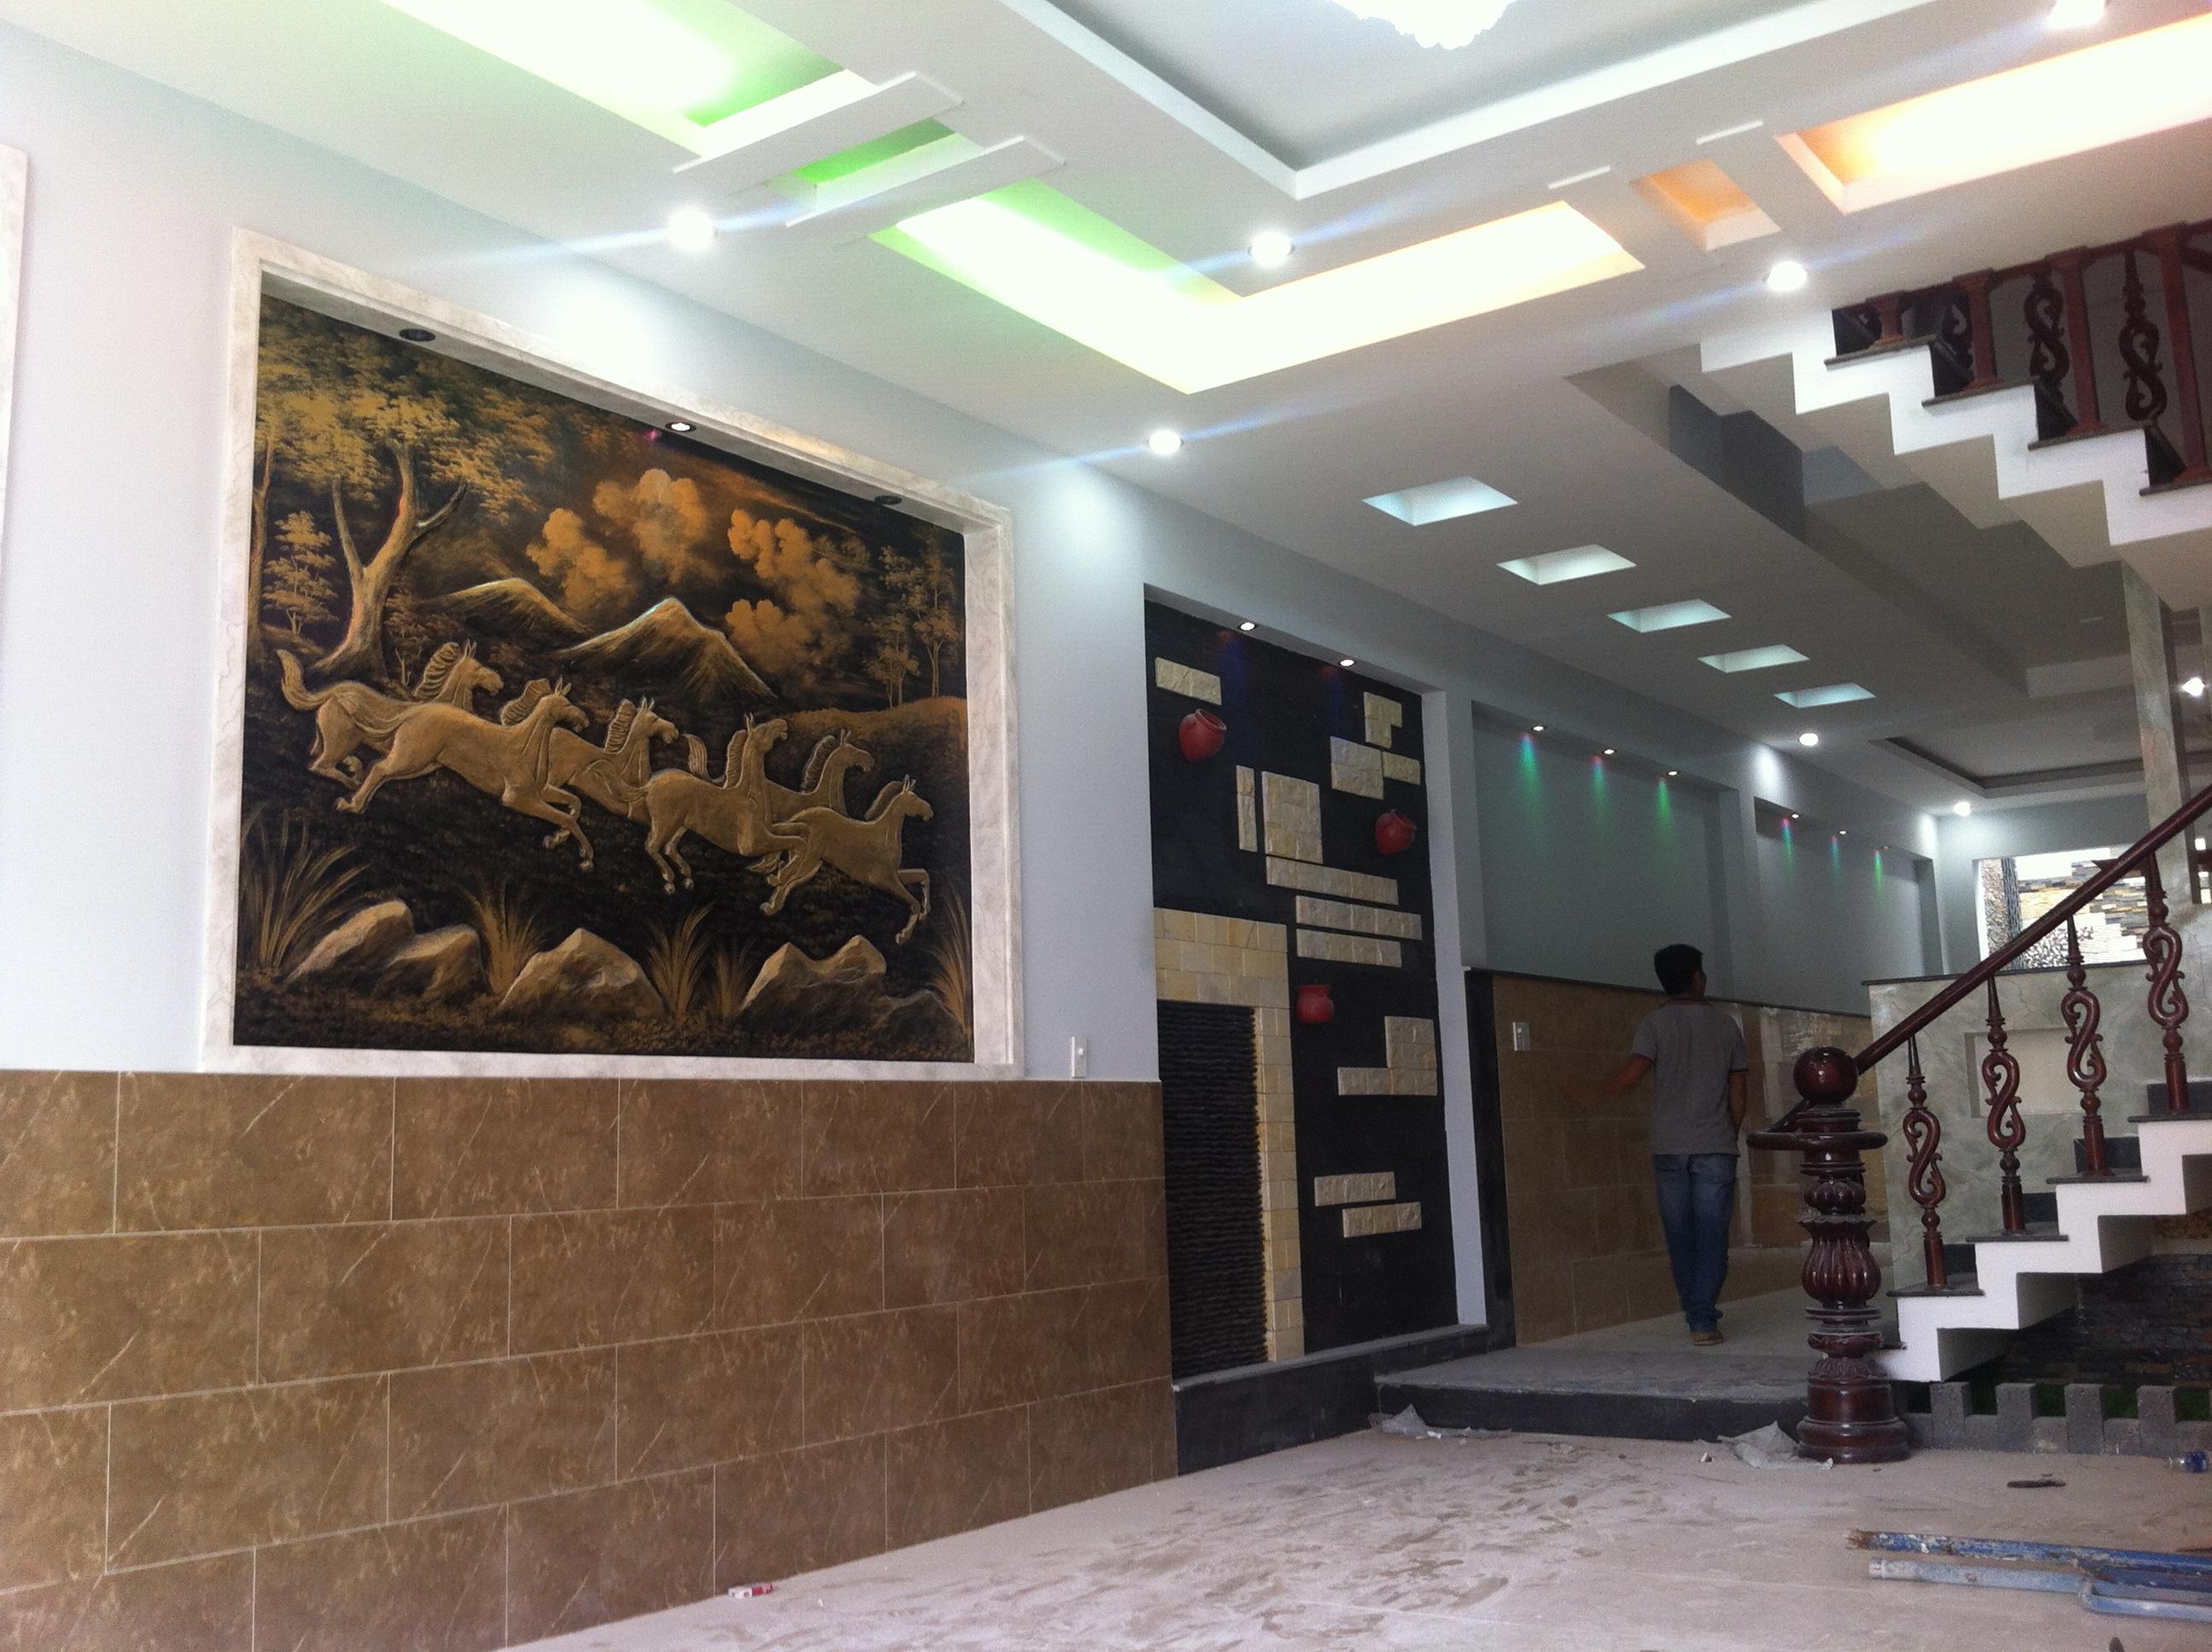 trang trí nhà nằm ngay trung tâm hành chính dĩ an